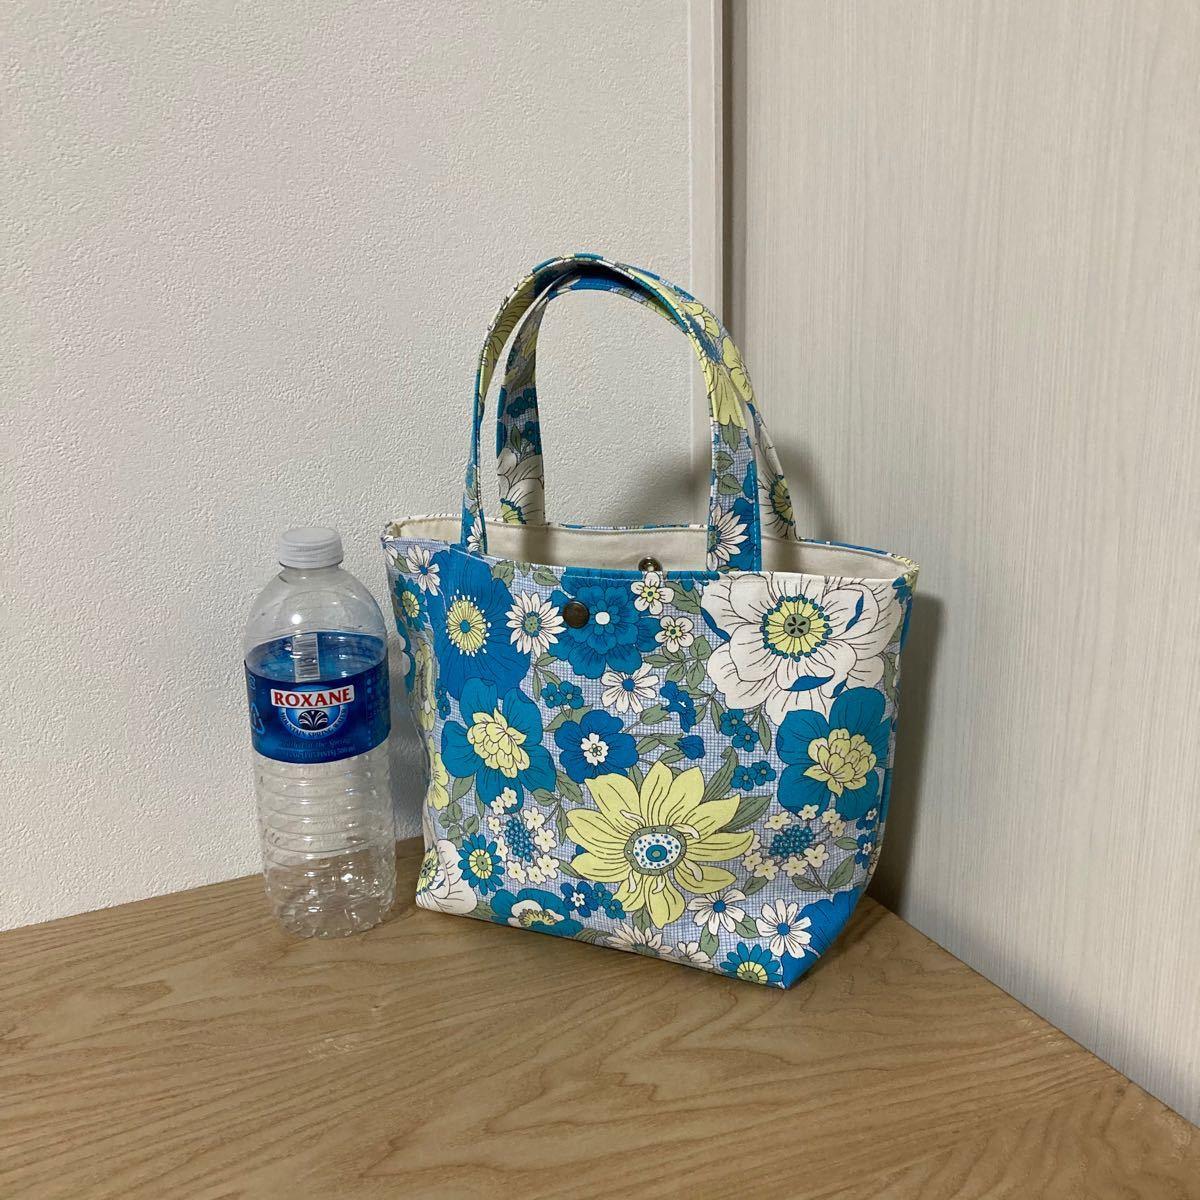 ハンドメイド 高島帆布(11号帆布) ミニトートバッグ ランチバッグ フラワー ブルー